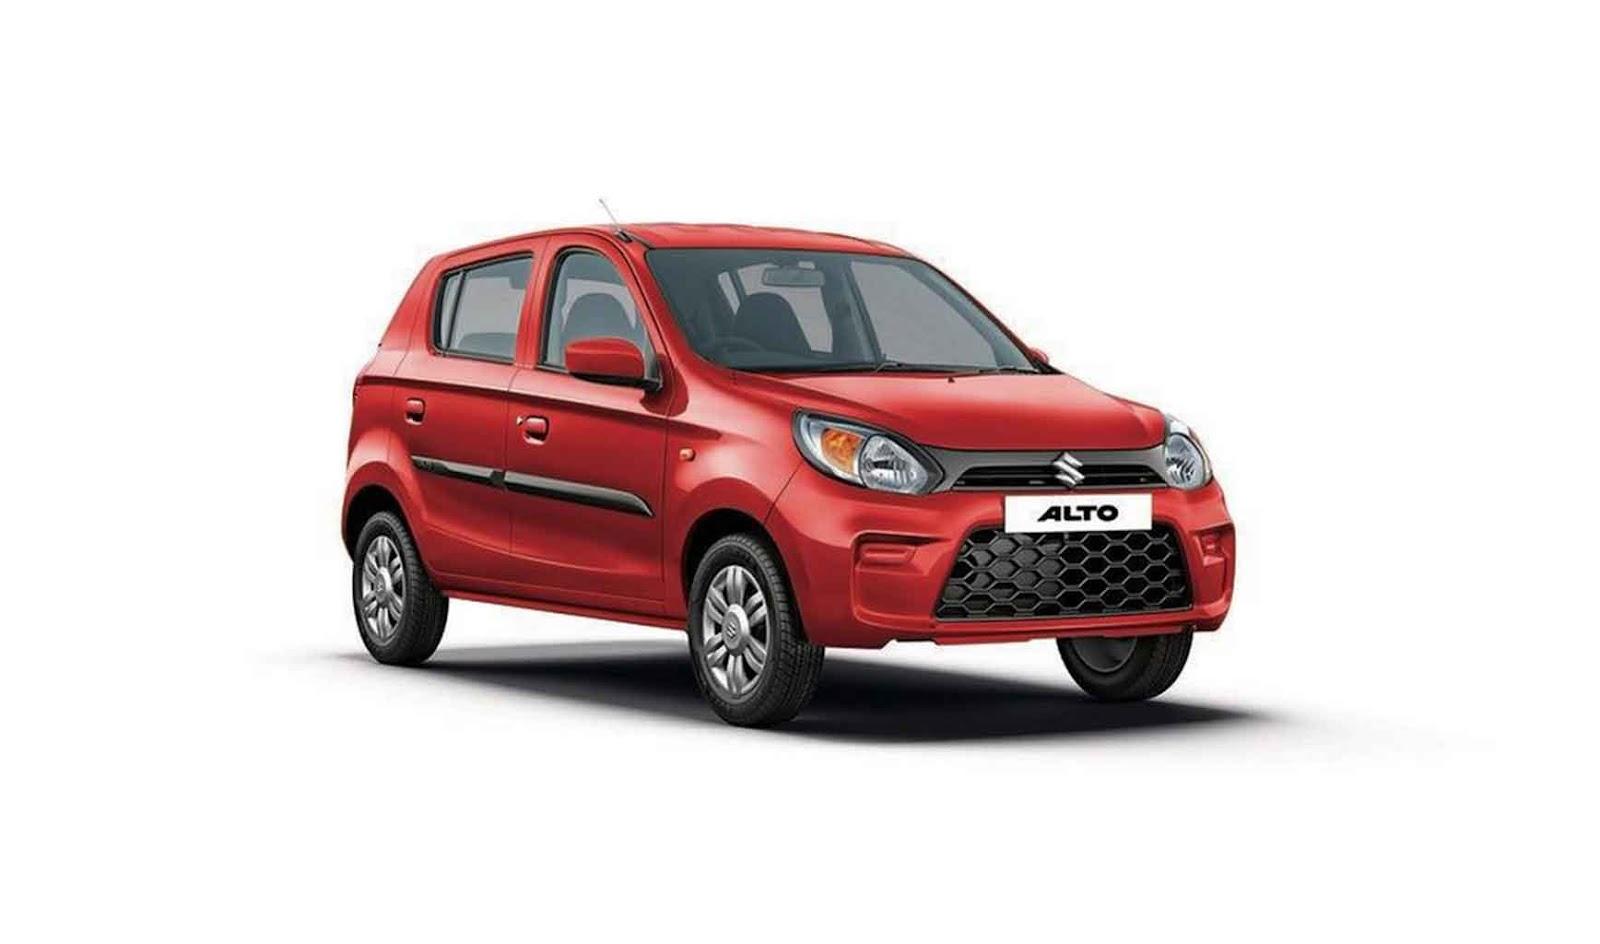 Best Mileage Petrol & Diesel Cars in India